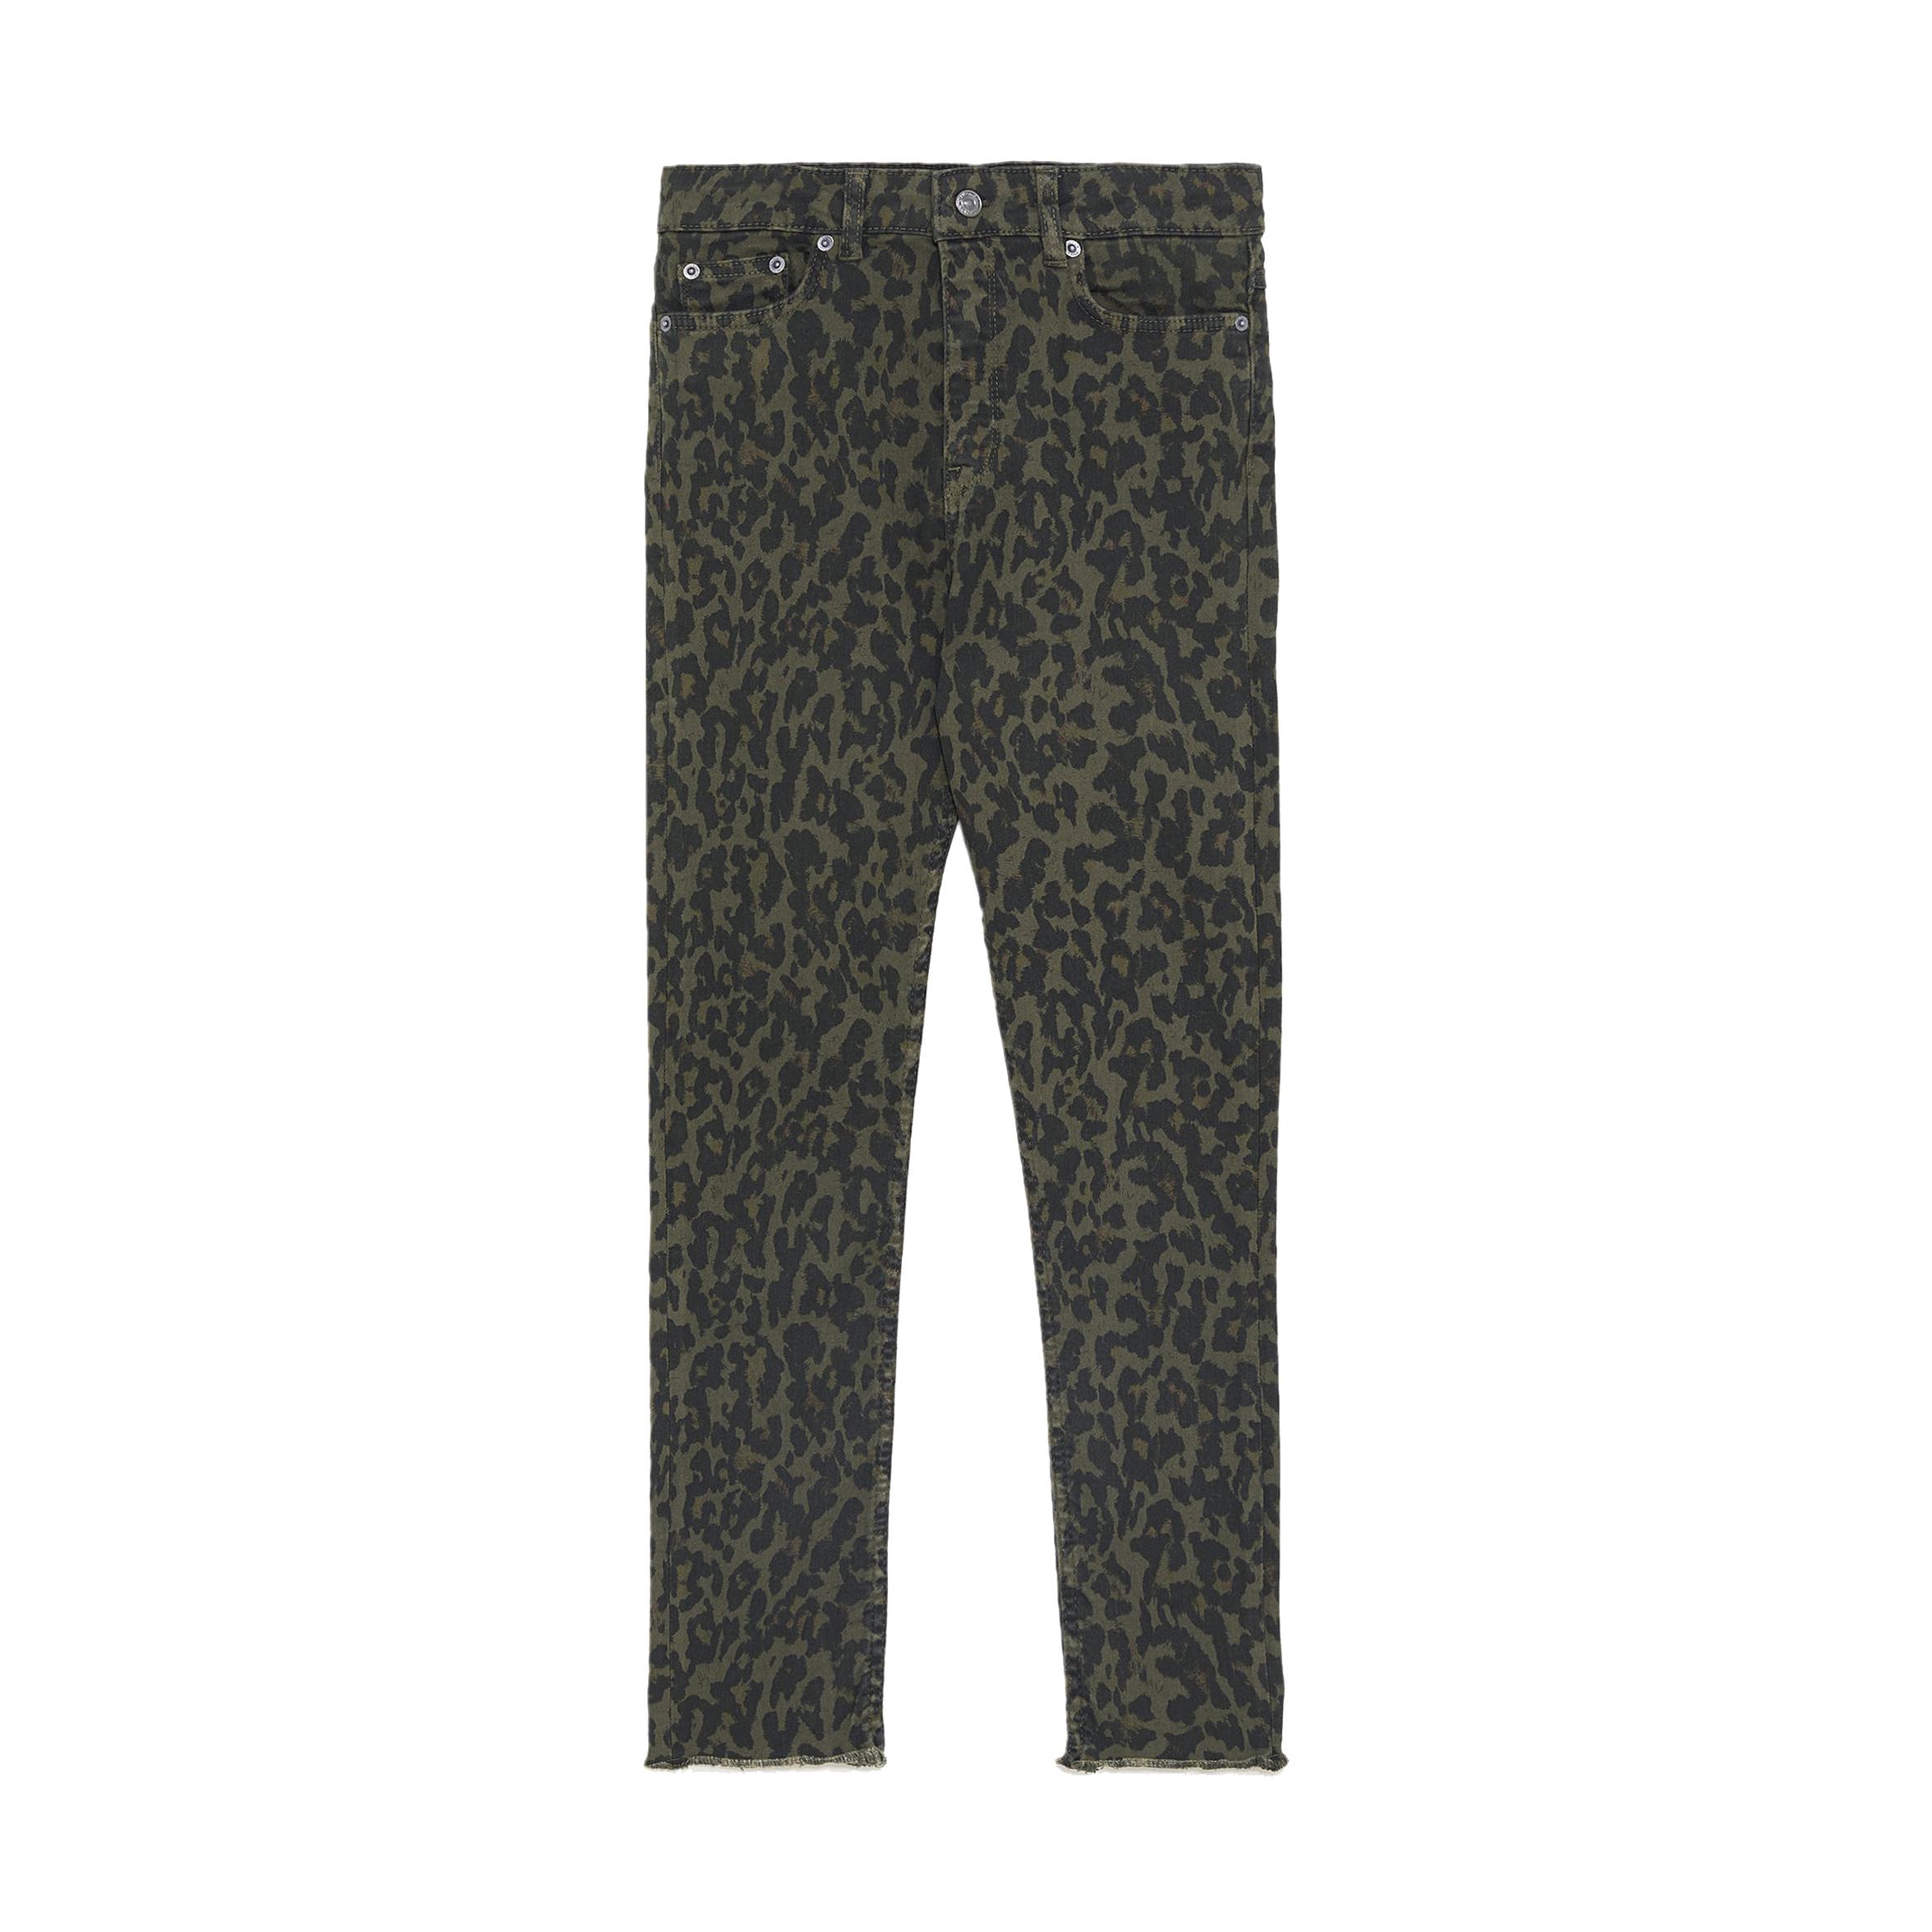 Zara High Waist Leopard Print Jeans